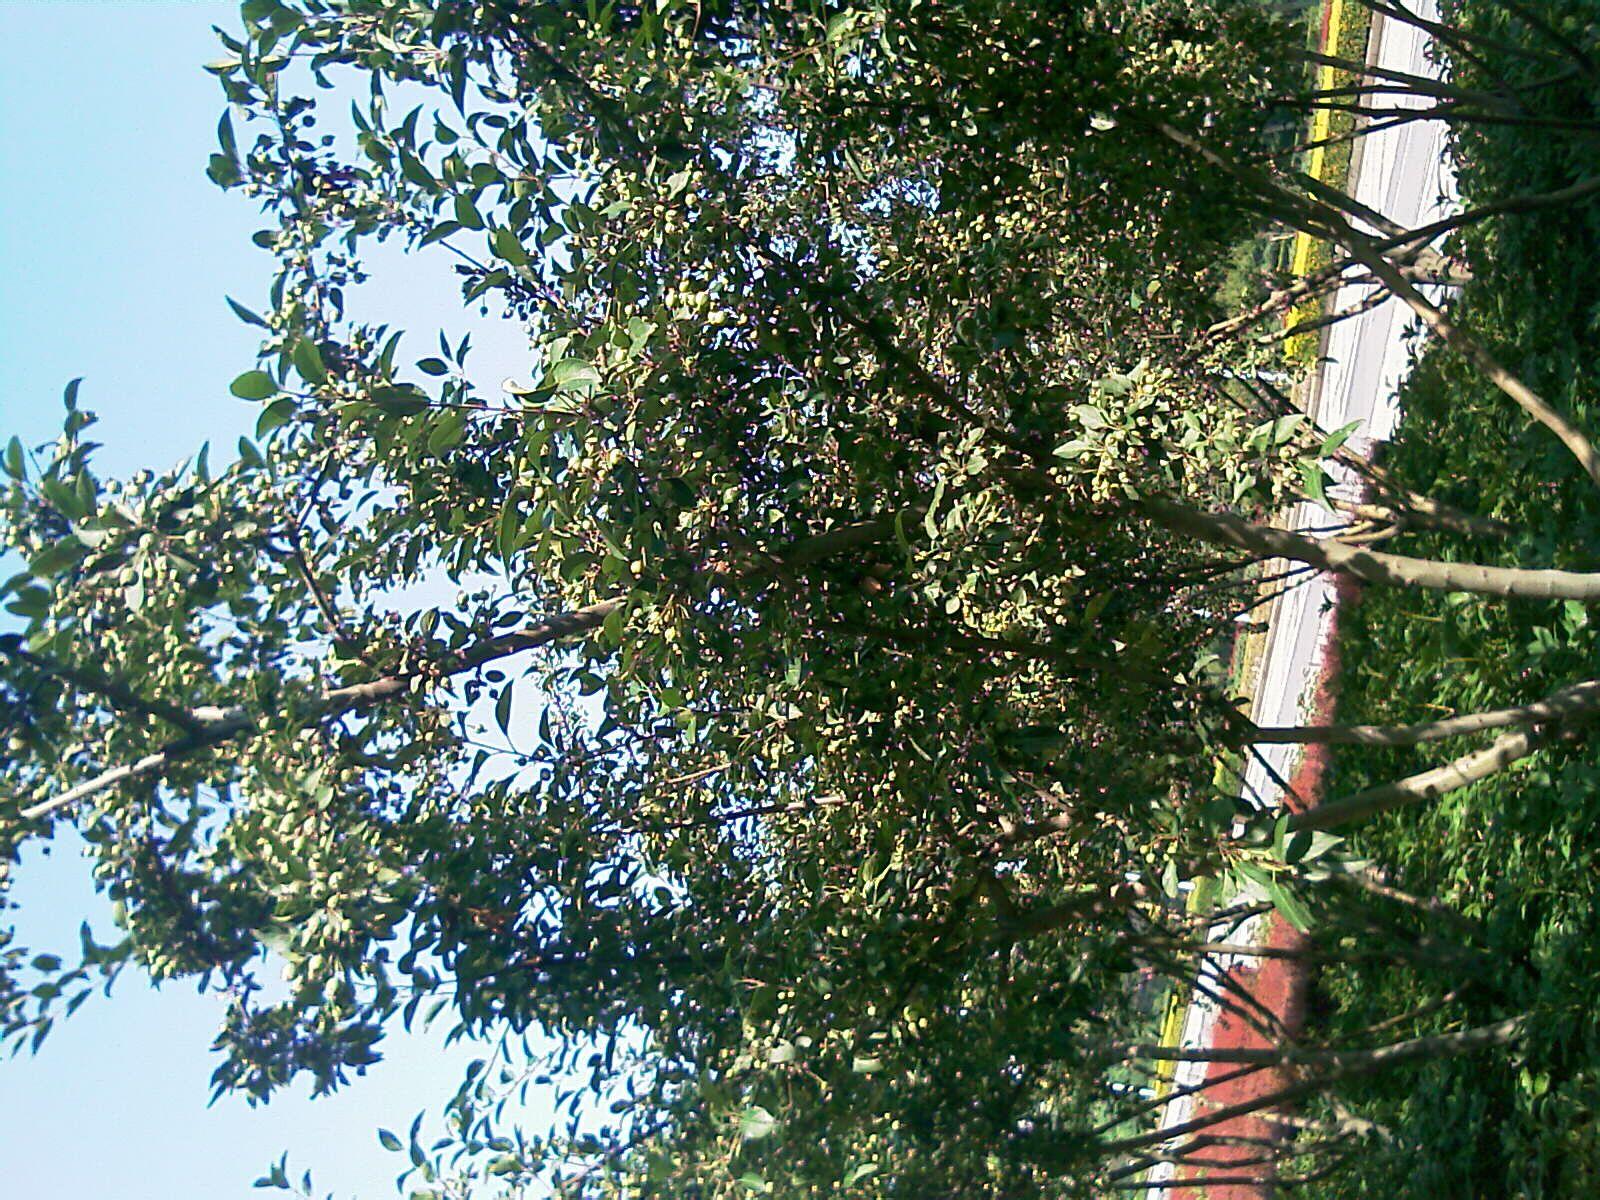 什么的树木_一下这些树木是什么名称?结的果实能食用吗?_百度知道